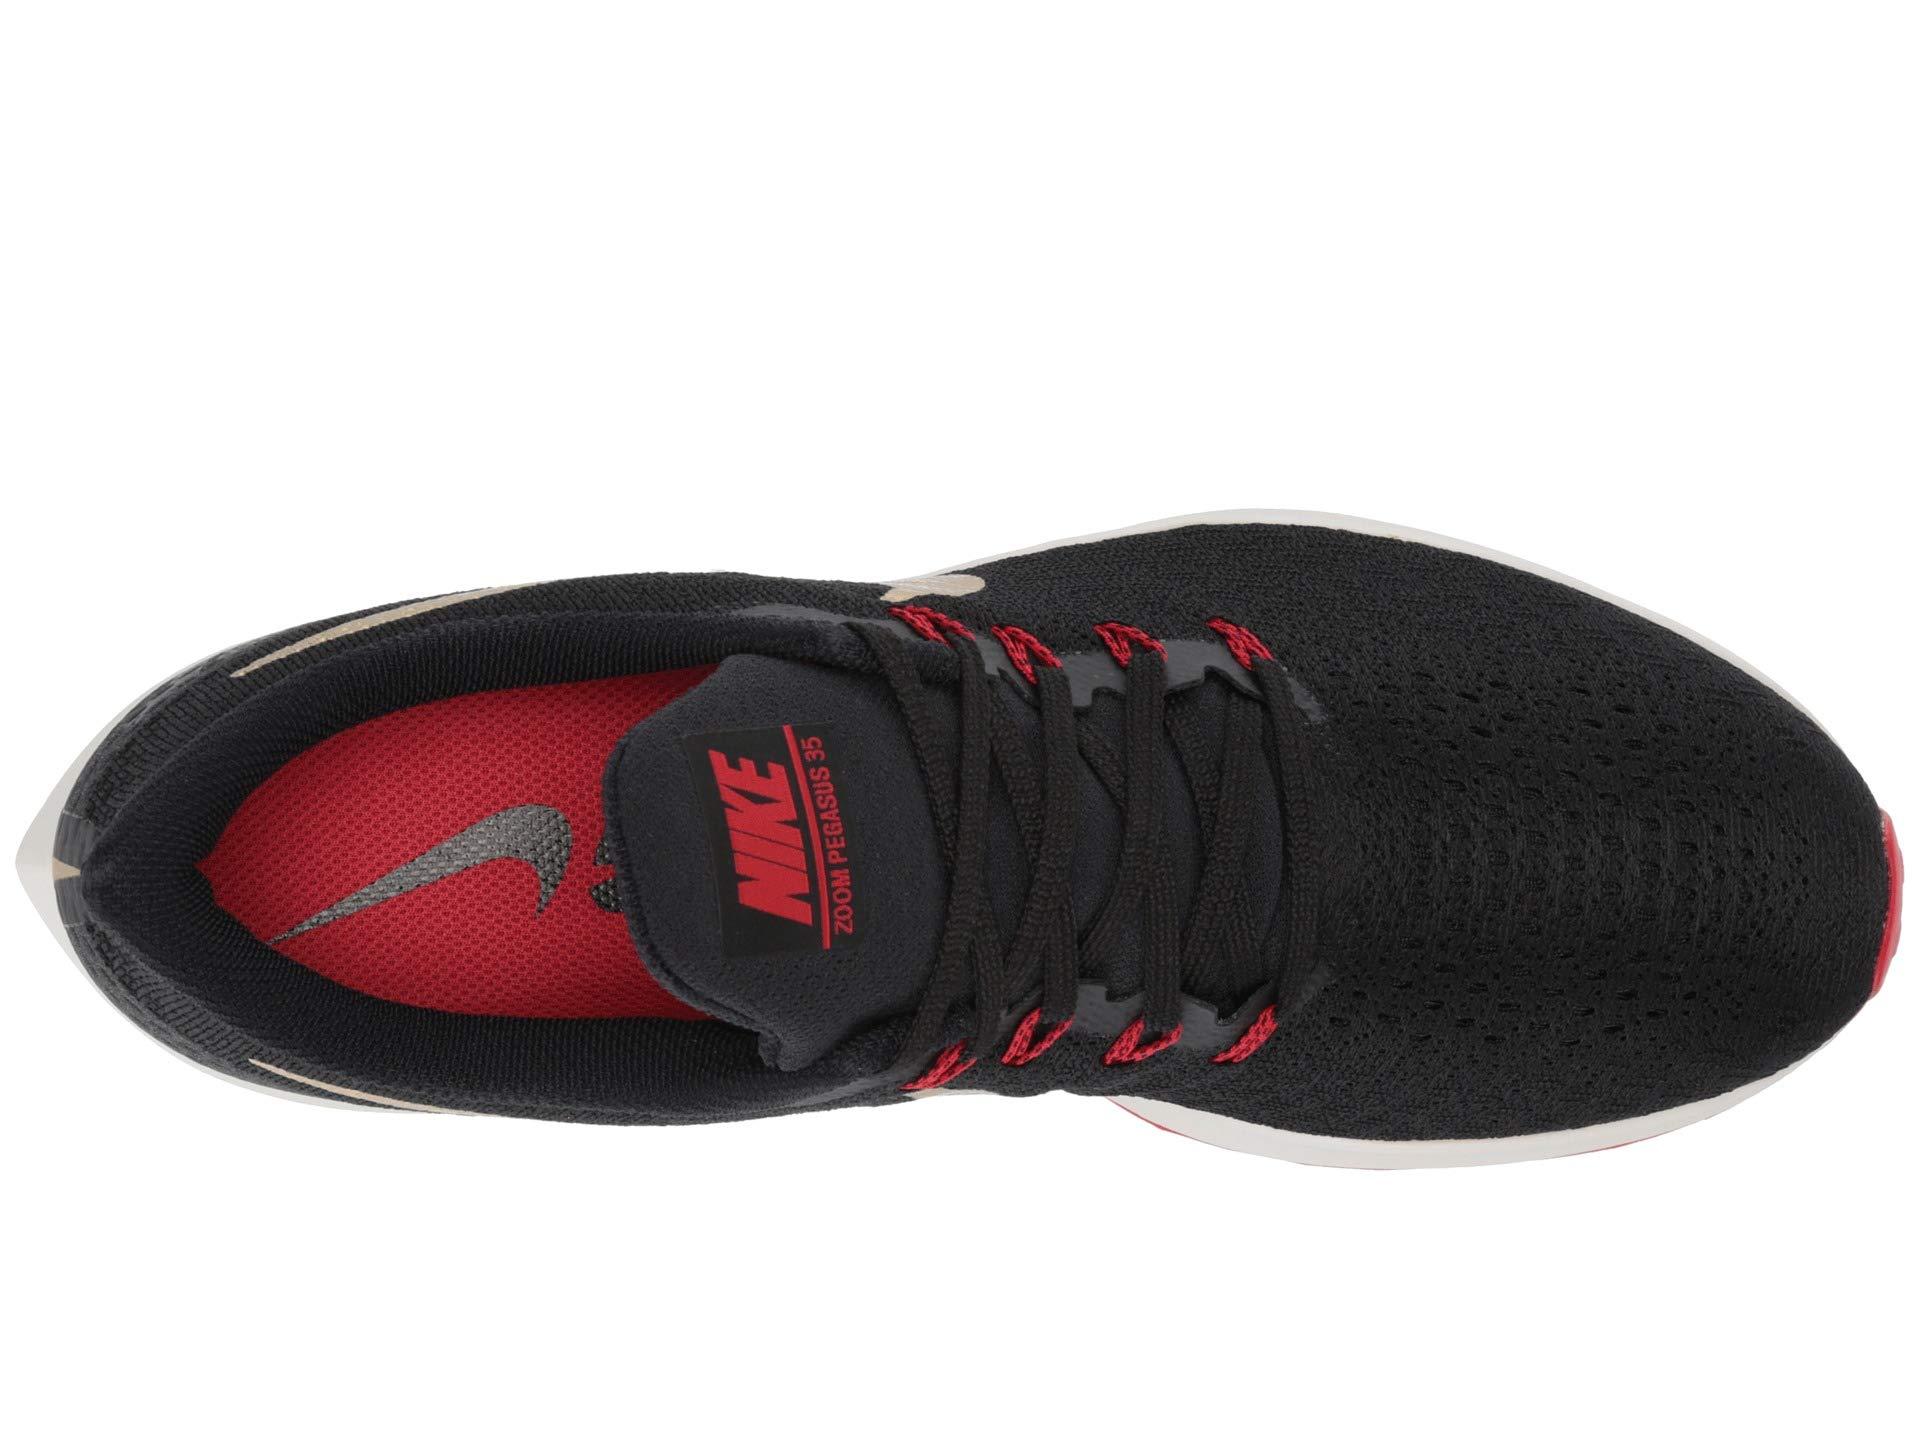 Nike Air Zoom Pegasus 35 Sz 6.5 Mens Running Black/Metallic Gold-University Red Shoes by Nike (Image #9)